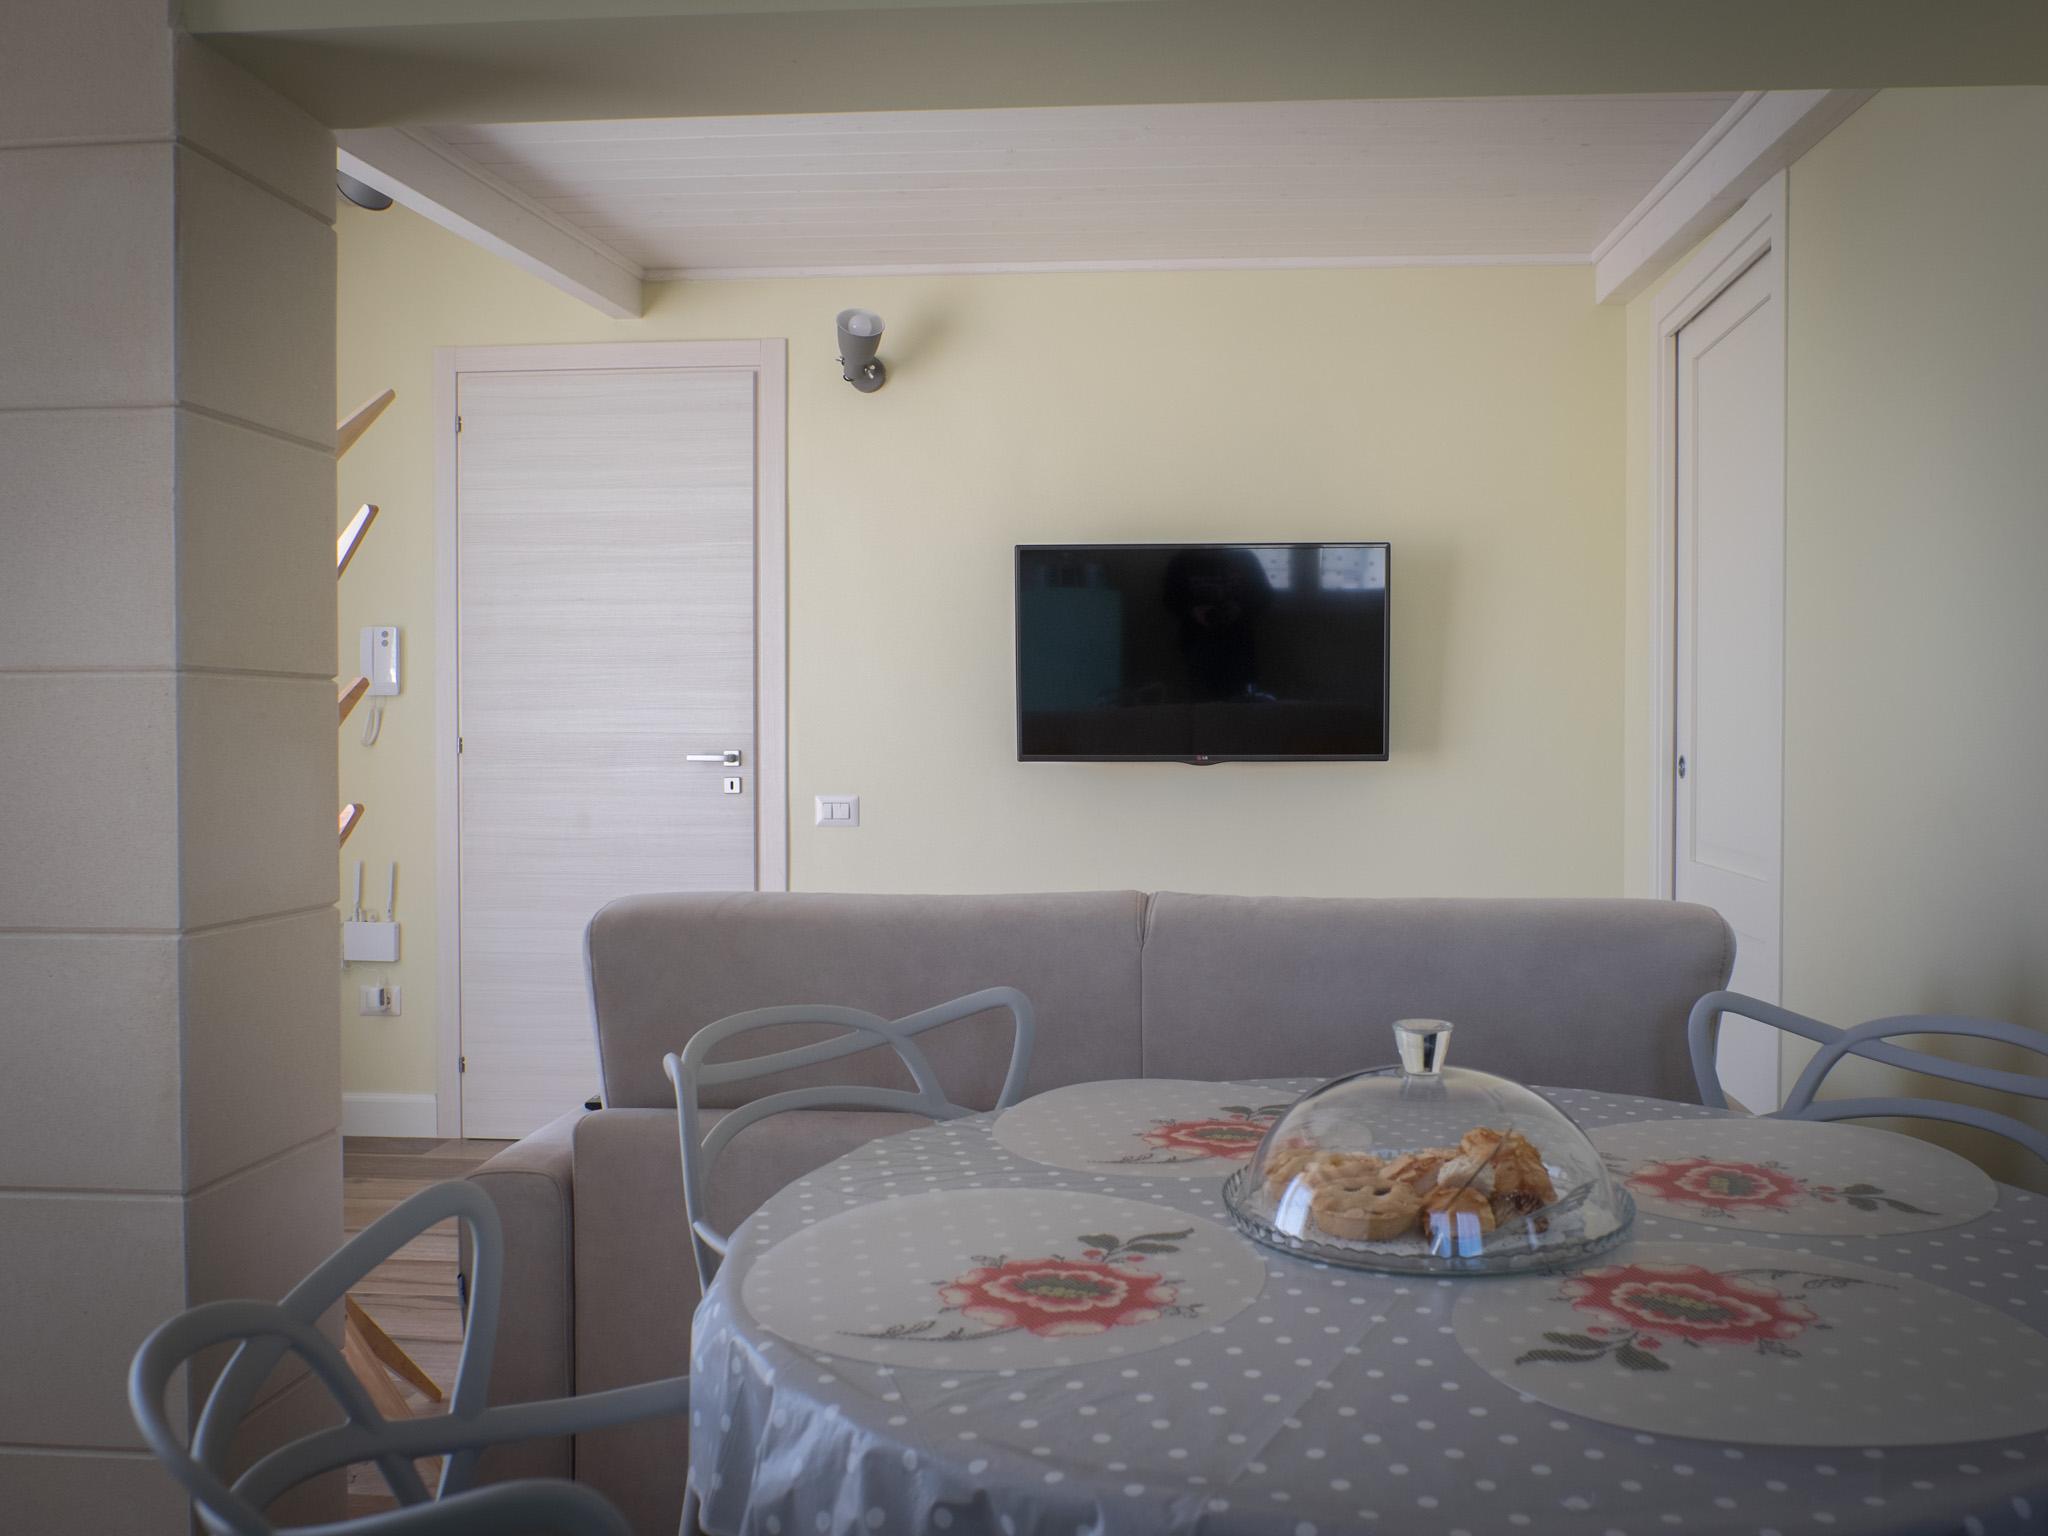 sanniti apartments la-casa-dei-nonni-casa-vacanze-bb-camere-dormire-sassi-di-matera-basilicata-16